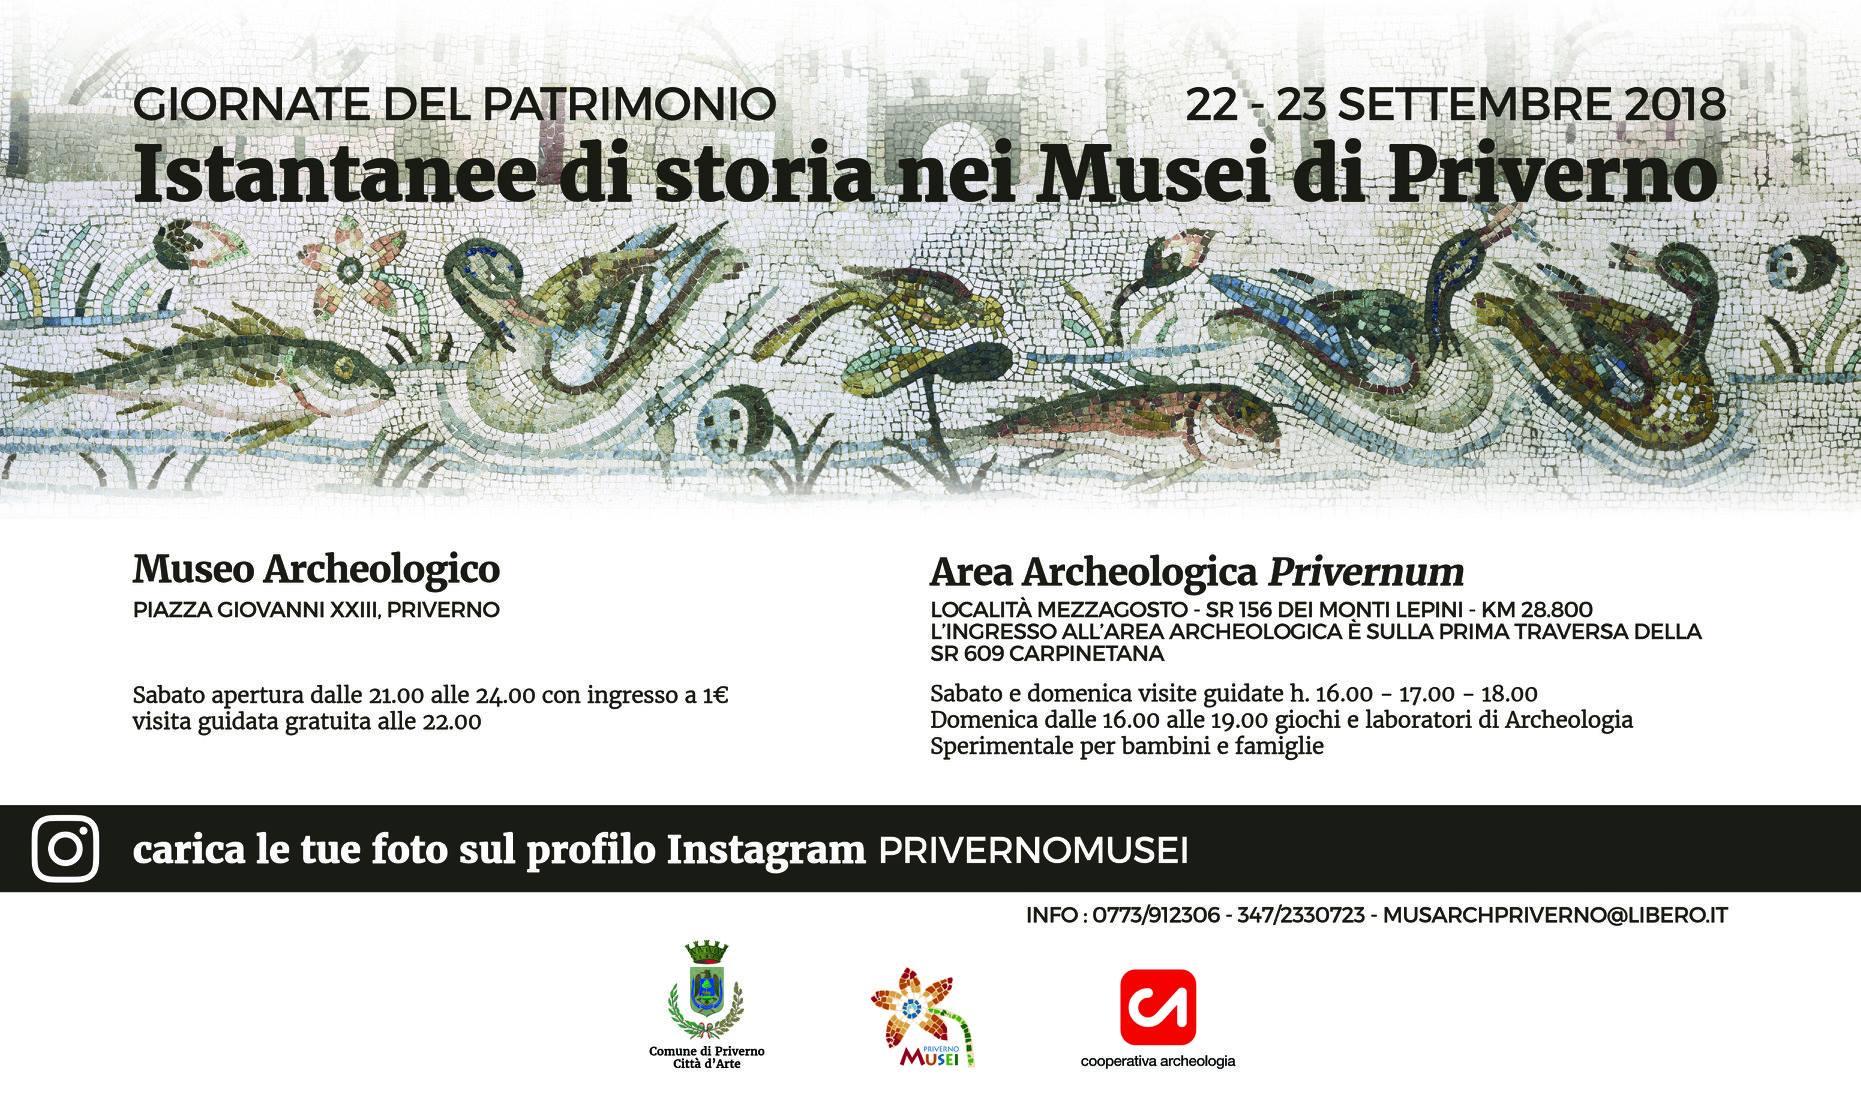 Priverno: Giornate europee del patrimonio @ Museo archeologico - Area archeologica   Priverno   Lazio   Italia